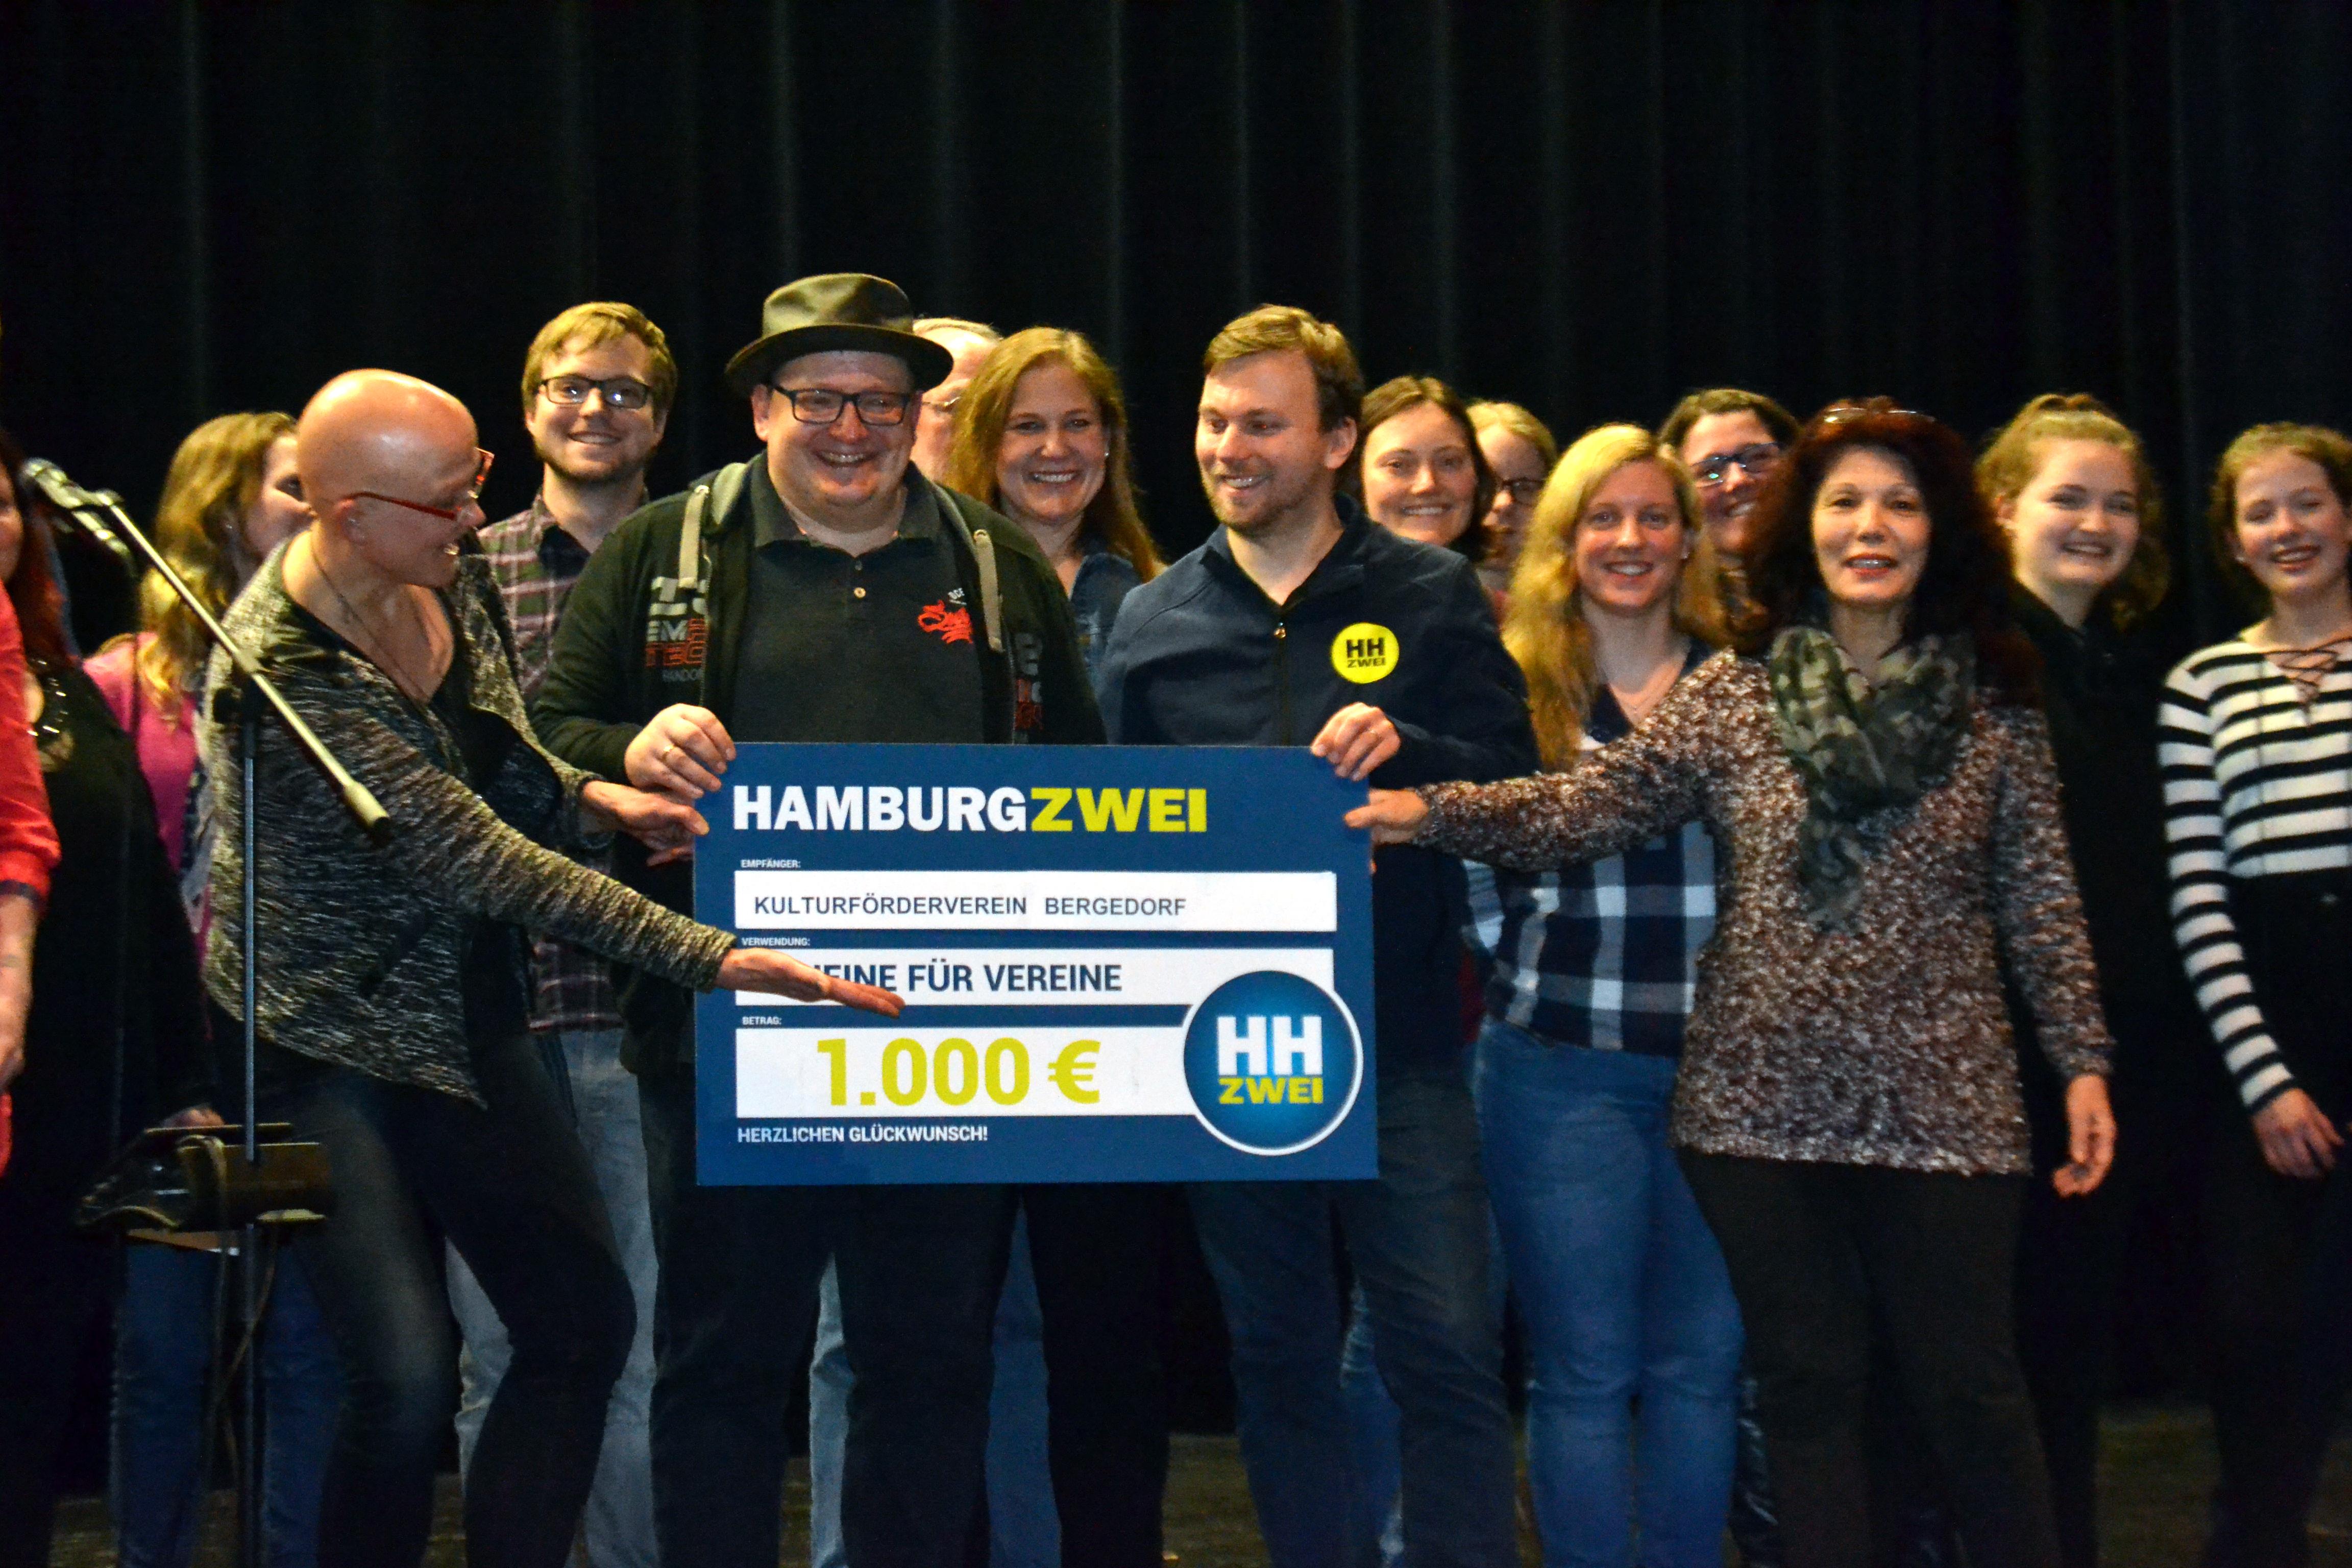 Scheine für Vereine, Hamburg Zwei, Fabian Kühne, Gewinn, Kulturförderverein Bergedorf, Der Drachenkönig, Musical, News Bergedorf, März 2018, HEIDI VOM LANDE